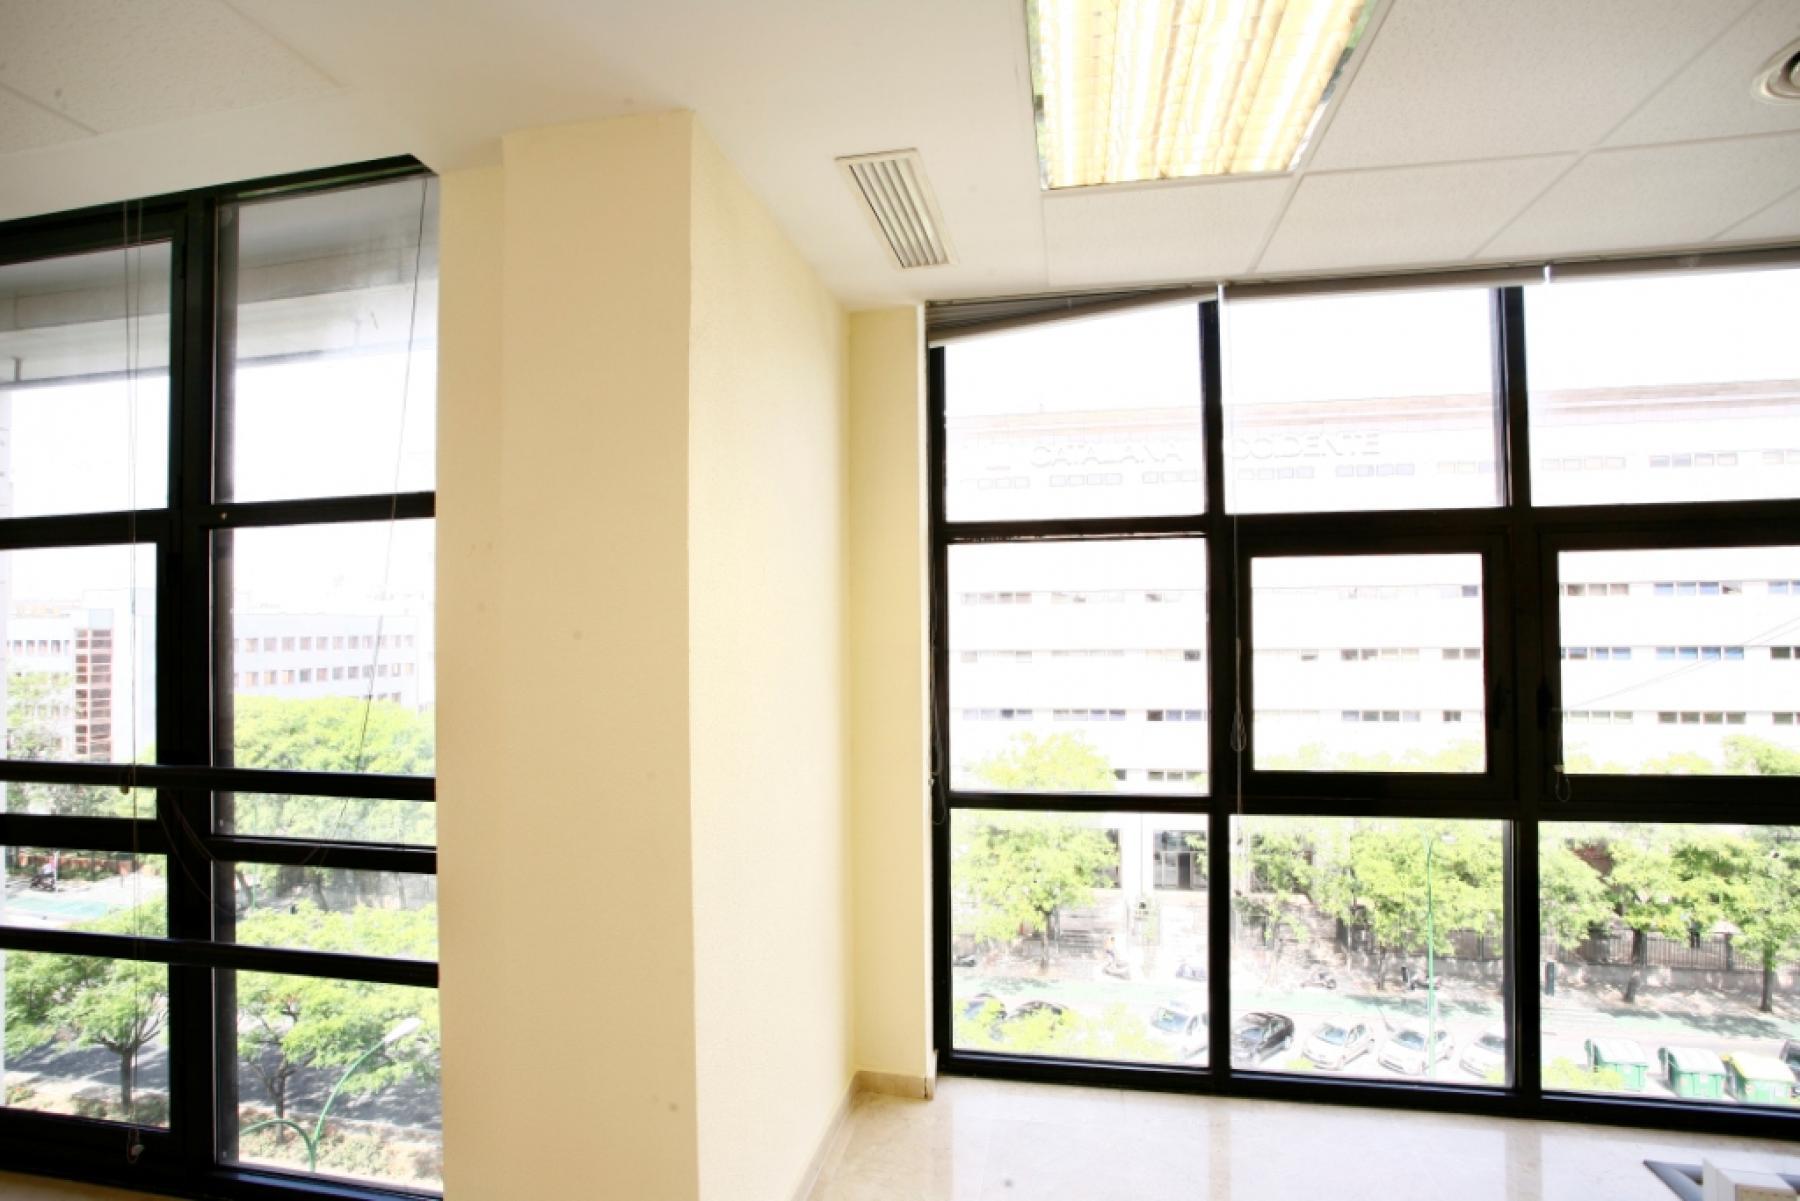 Alquilar oficinas Avenida San Francisco 15, Sevilla (4)